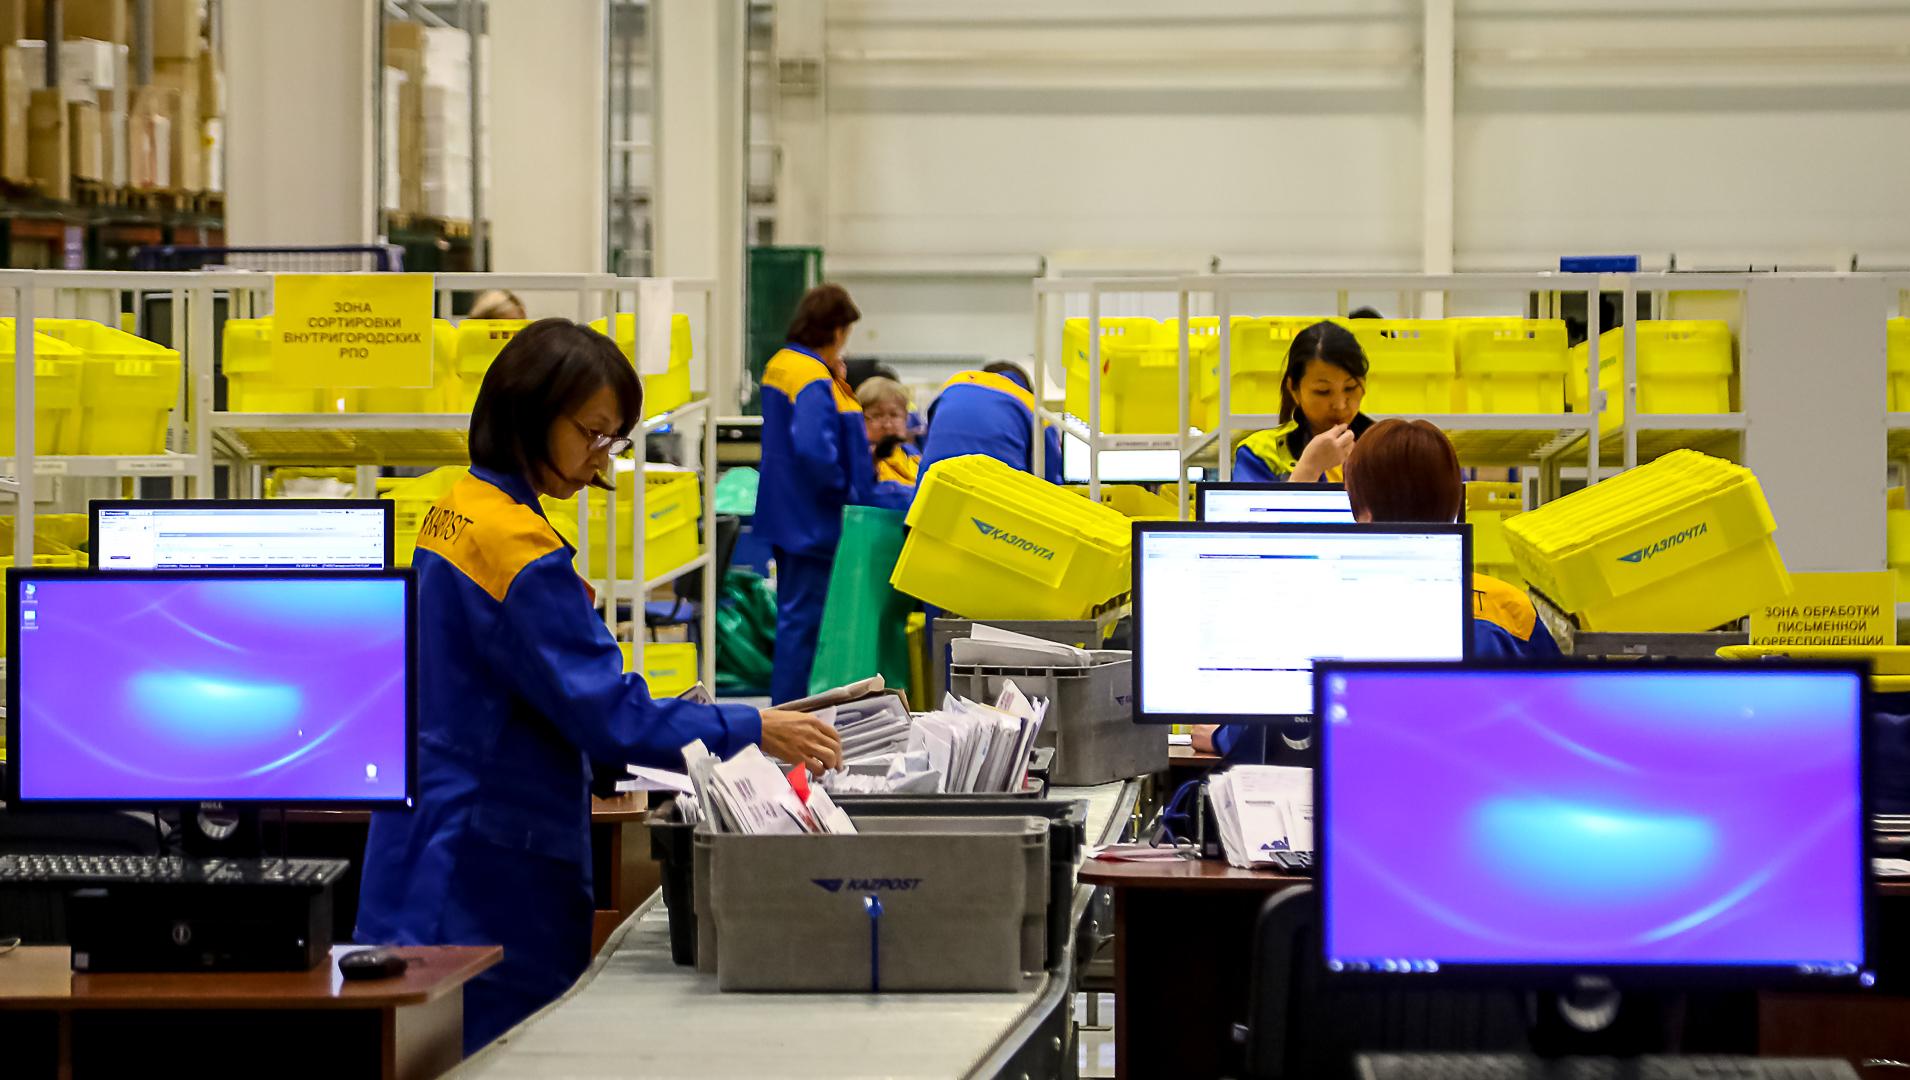 Казпочта открыла первый центр для владельцев интернет-магазинов, Казпочта, фулфилмент-центр, Инернет-магазин